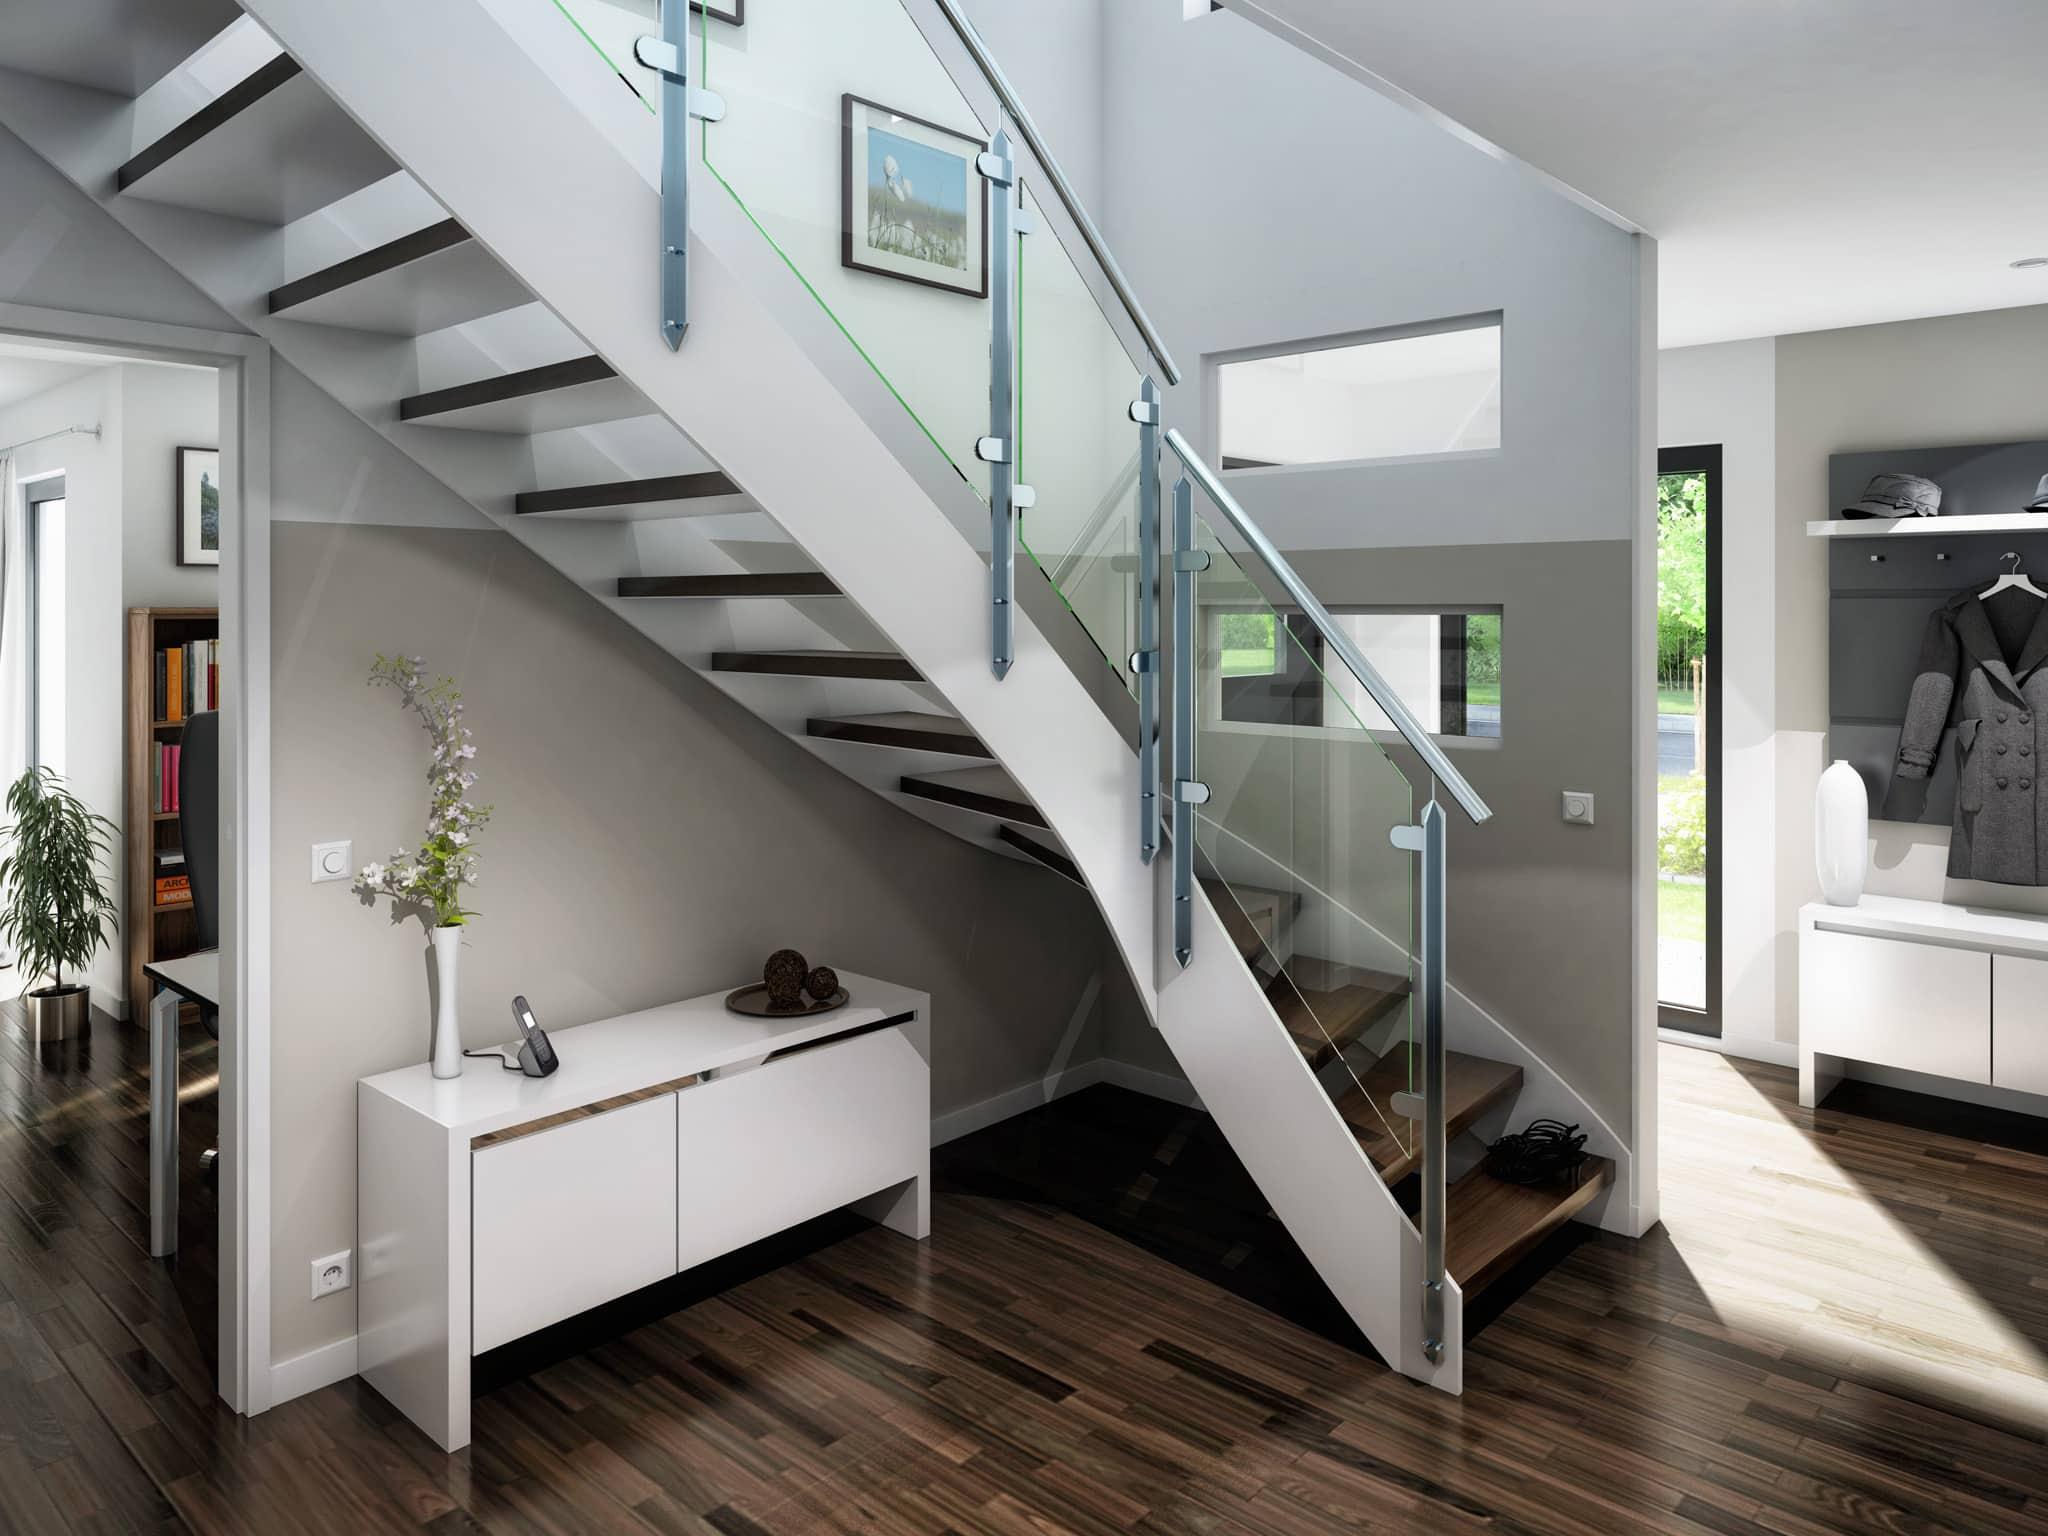 Offene Treppe im Eingangsbereich innen - Wohnideen Inneneinrichtung Haus Bien Zenker Fertighaus EVOLUTION 143 V6 - HausbauDirekt.de